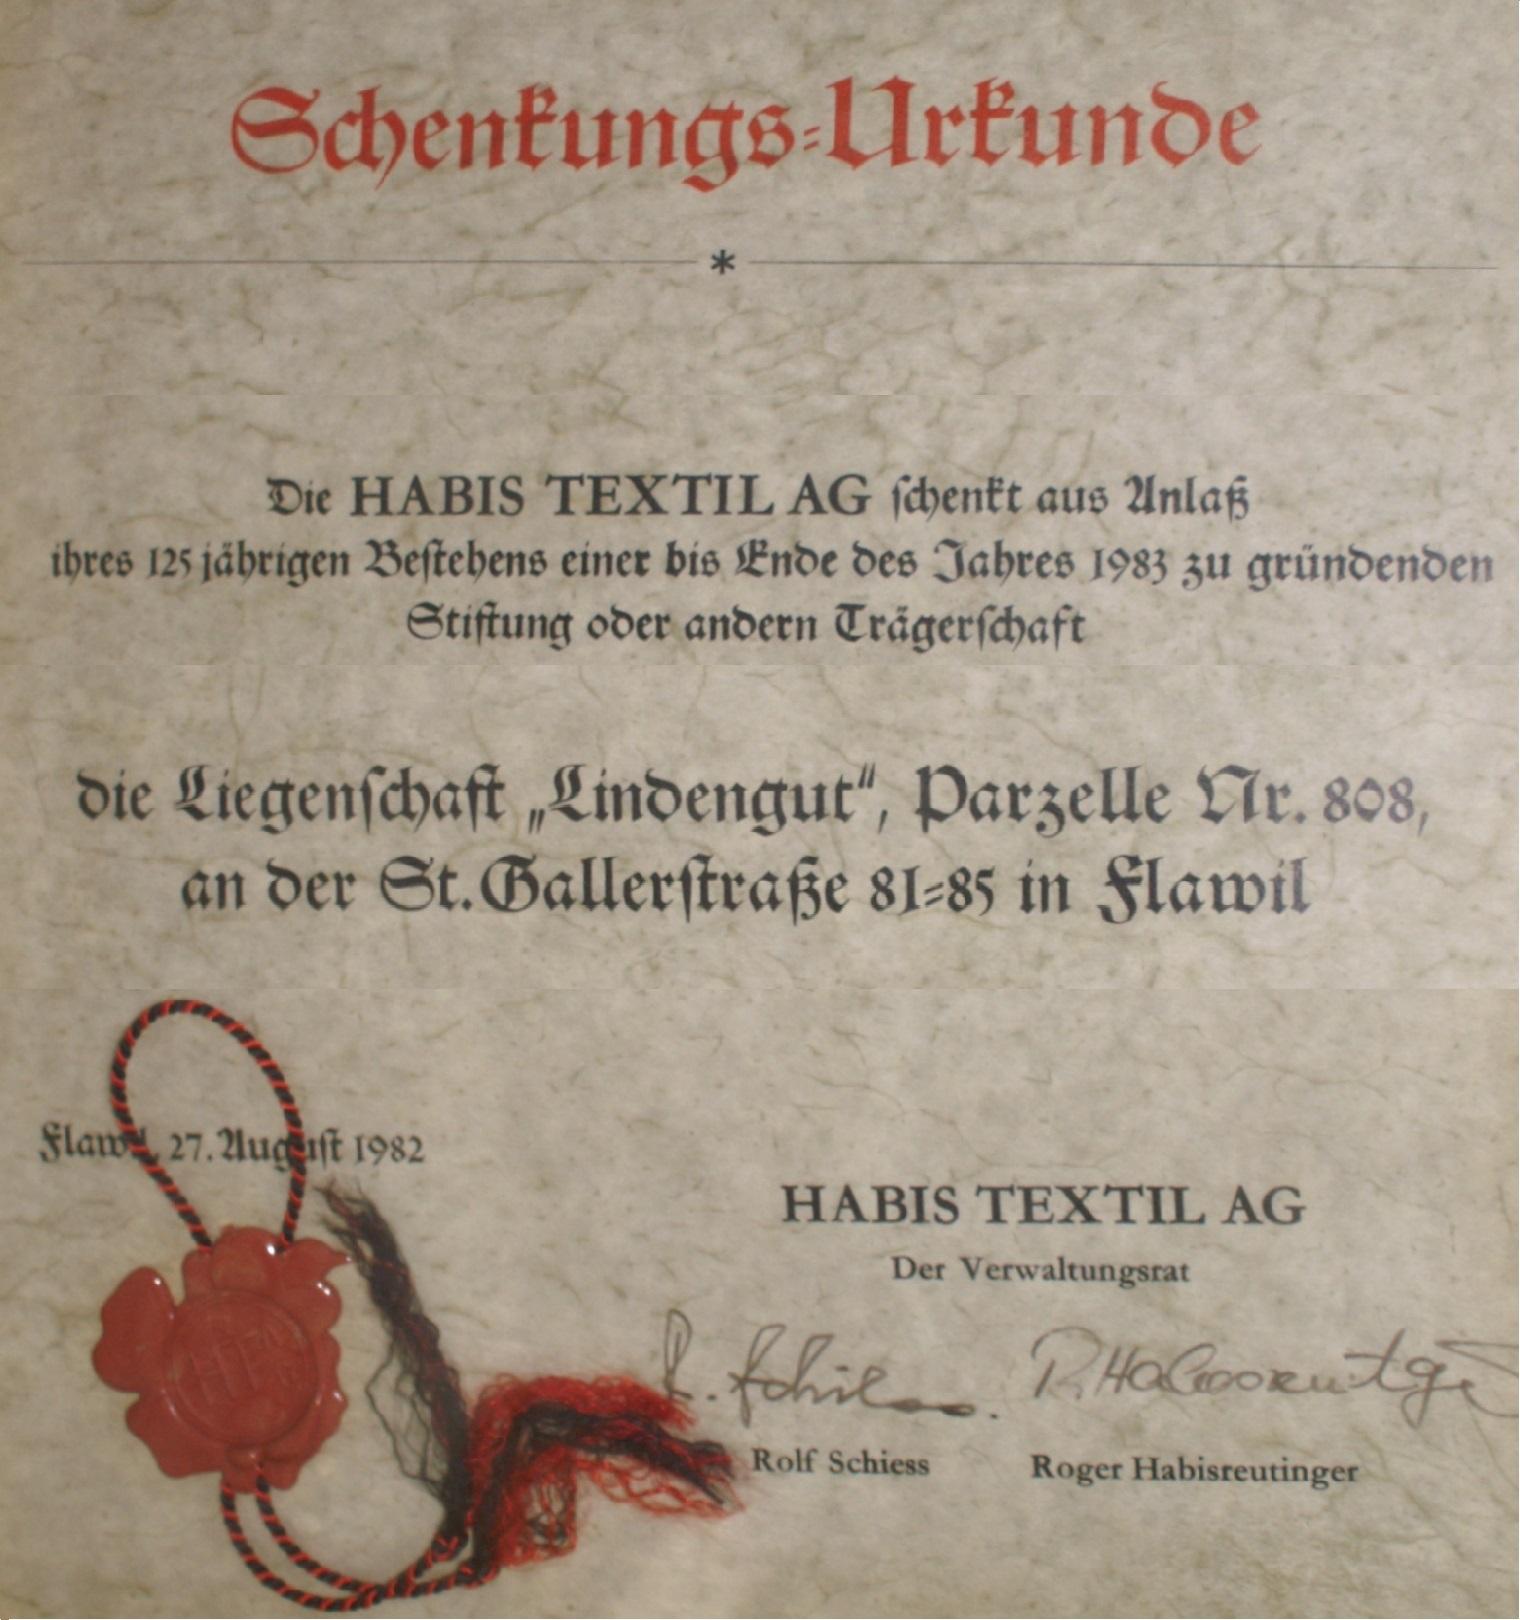 Stiftungsurkunde zur Schenkung des Lindenguts an die zu gründende Stiftung Lindengut von 1982. Anlass der Schenkung ist das 125-Jahr-Jubiläum der Habis Textil AG